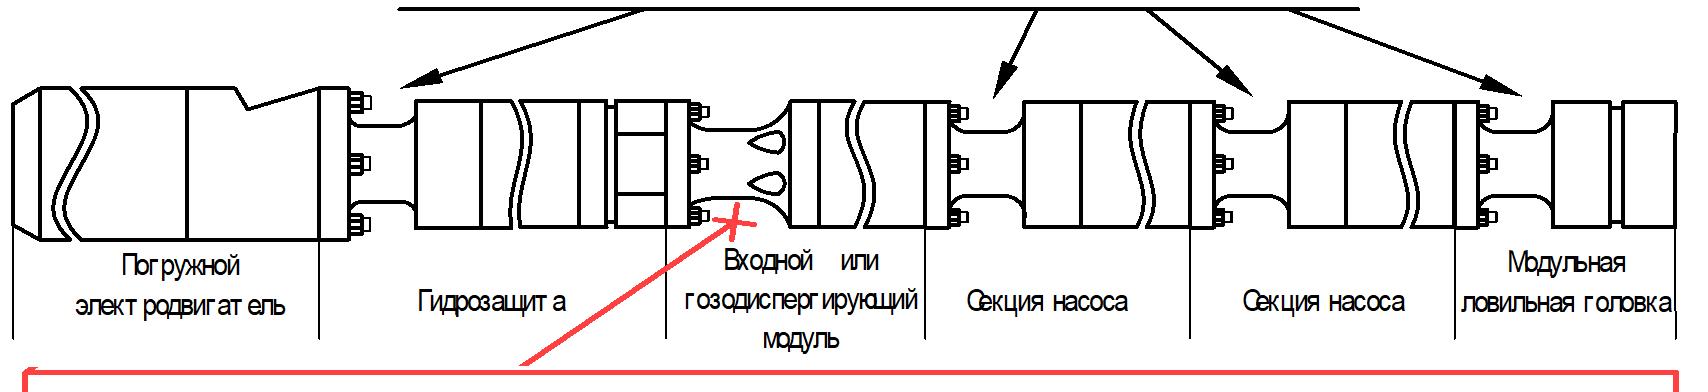 Схема установки протектолайзеров